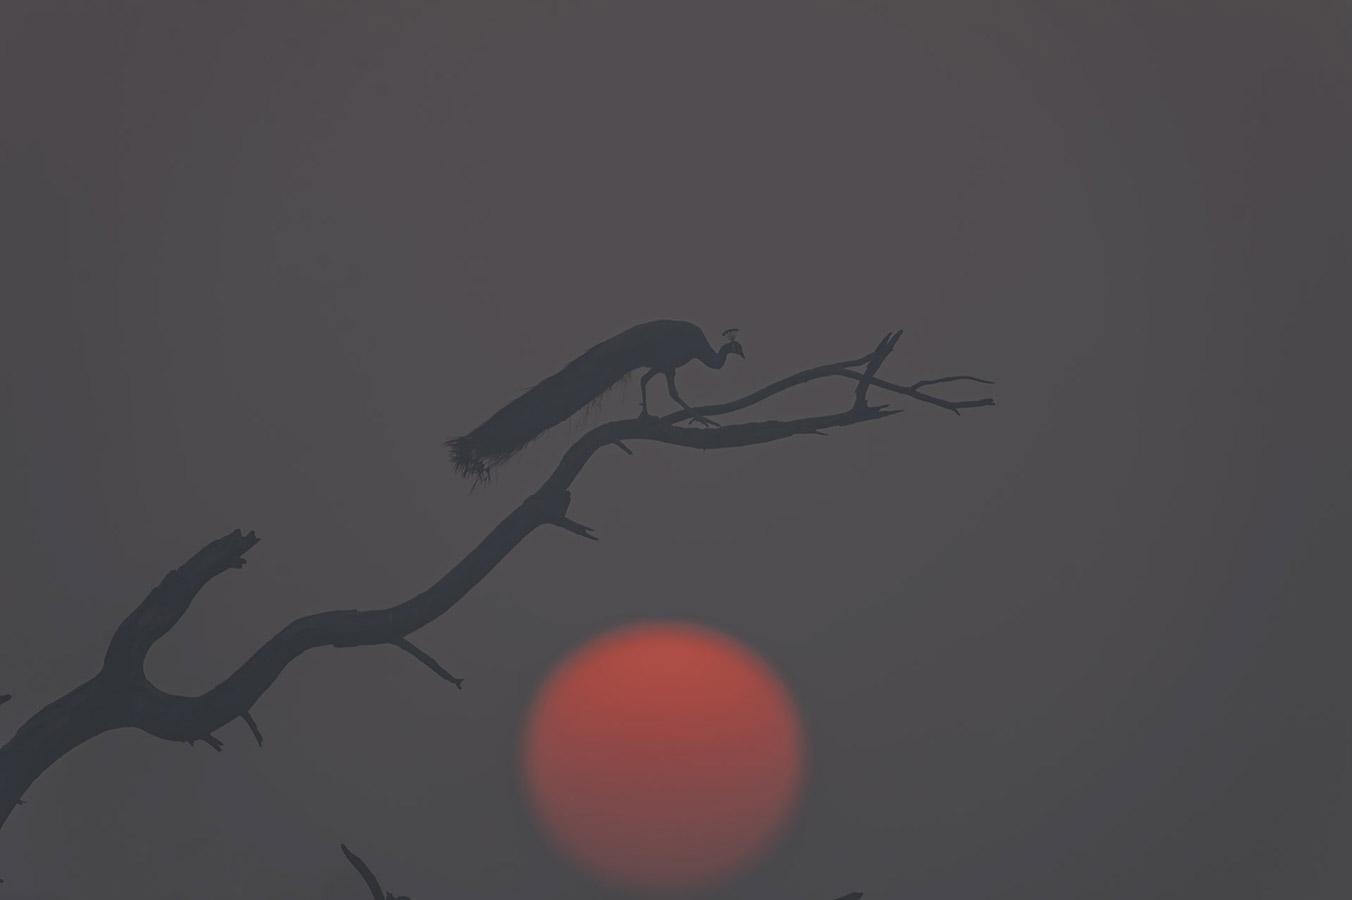 Винод (Байю) Патил / Vinod (Baiju) Patil, Аурангабад, Индия, Почётная оценка в категории «Птицы», Фотоконкурс «Лучшая природная фотография Азии» — Nature's Best Photography Asia